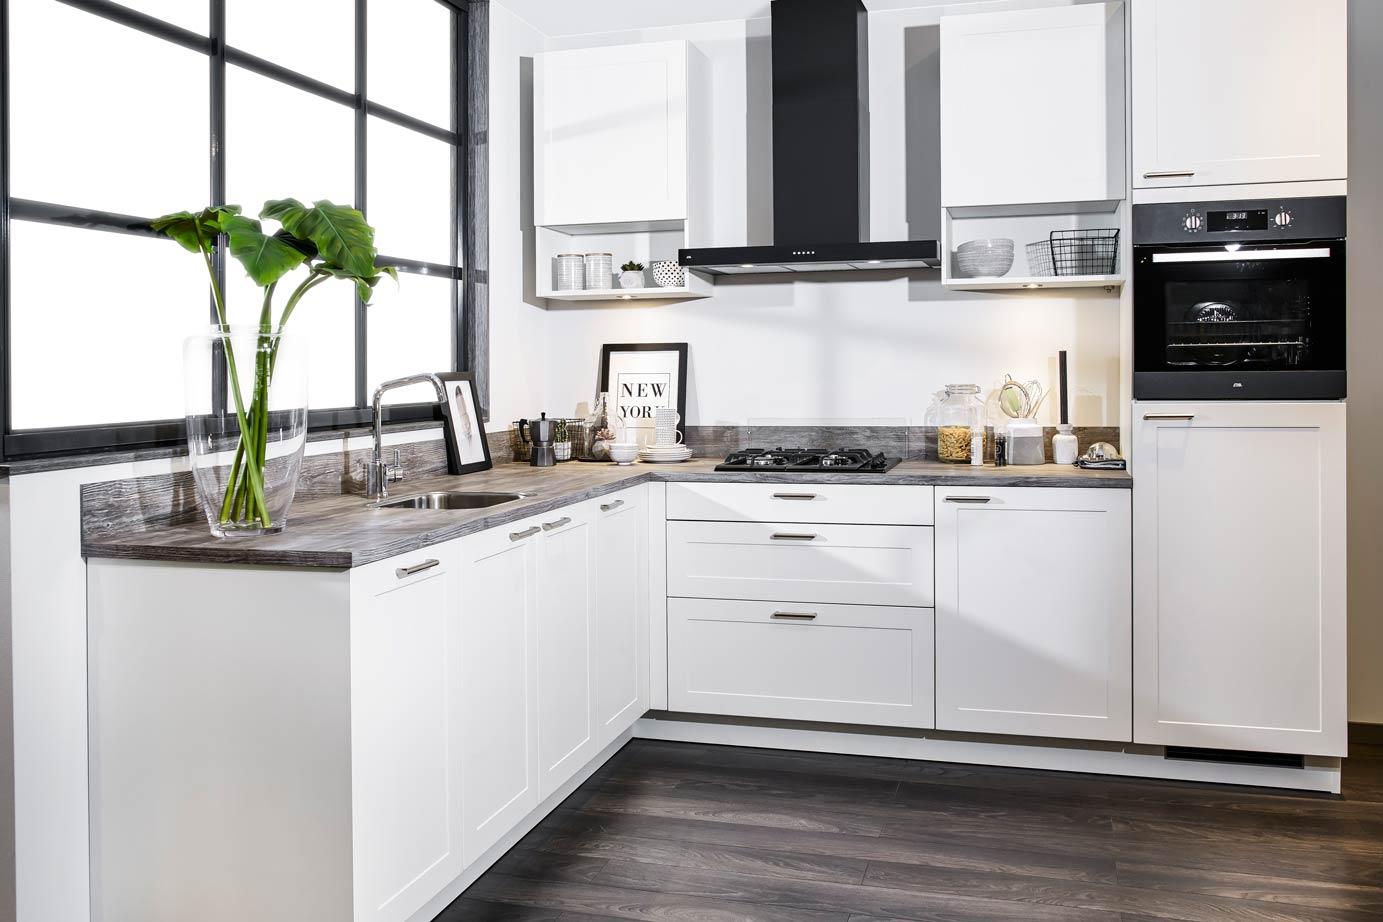 Goedkope keuken kopen goedkoop is bij ons geen miskoop arma